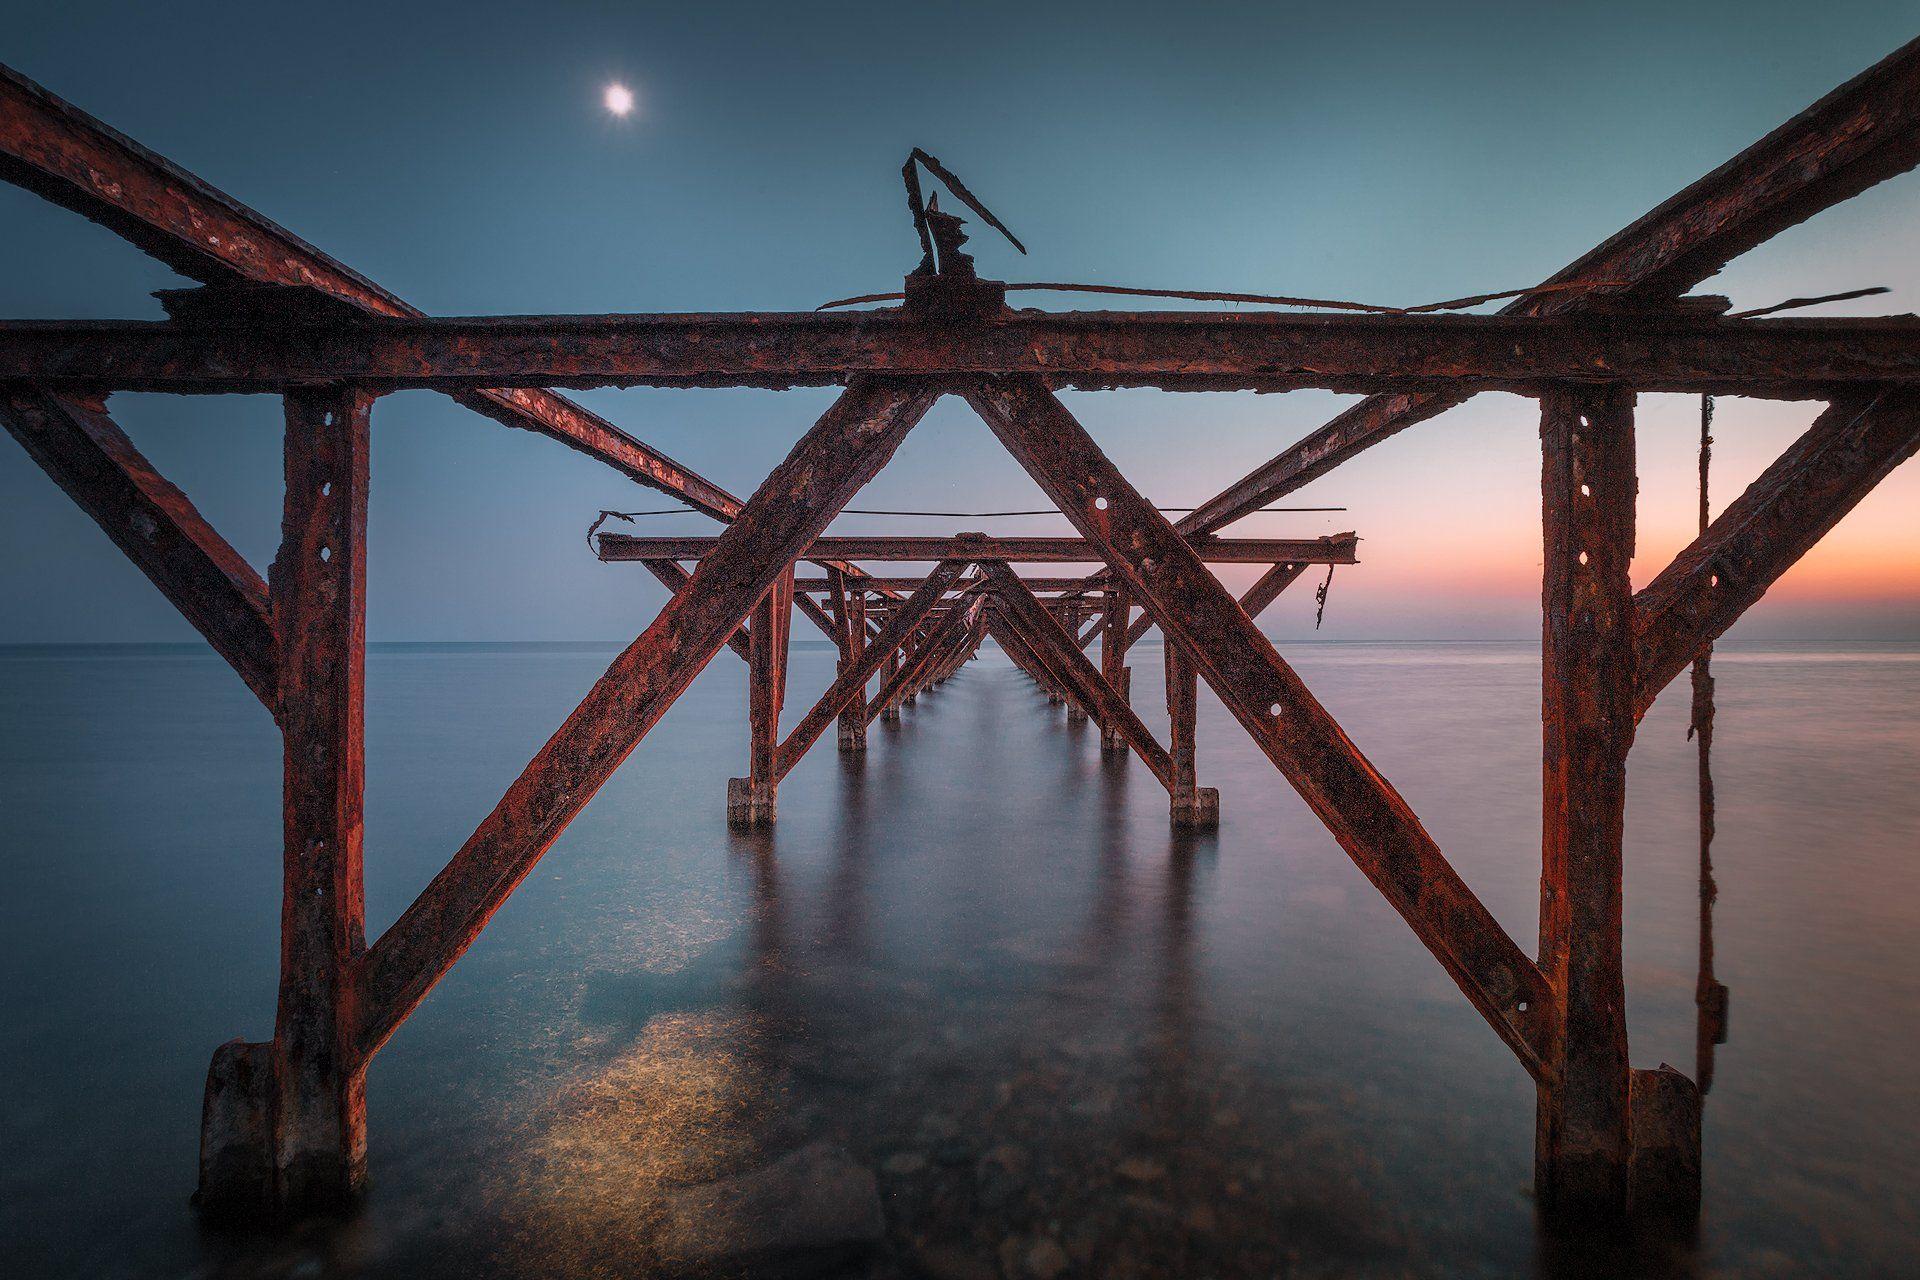 пляж, закат, старый пирс, черне море, луна, лунный свет,, Андрей Огнев